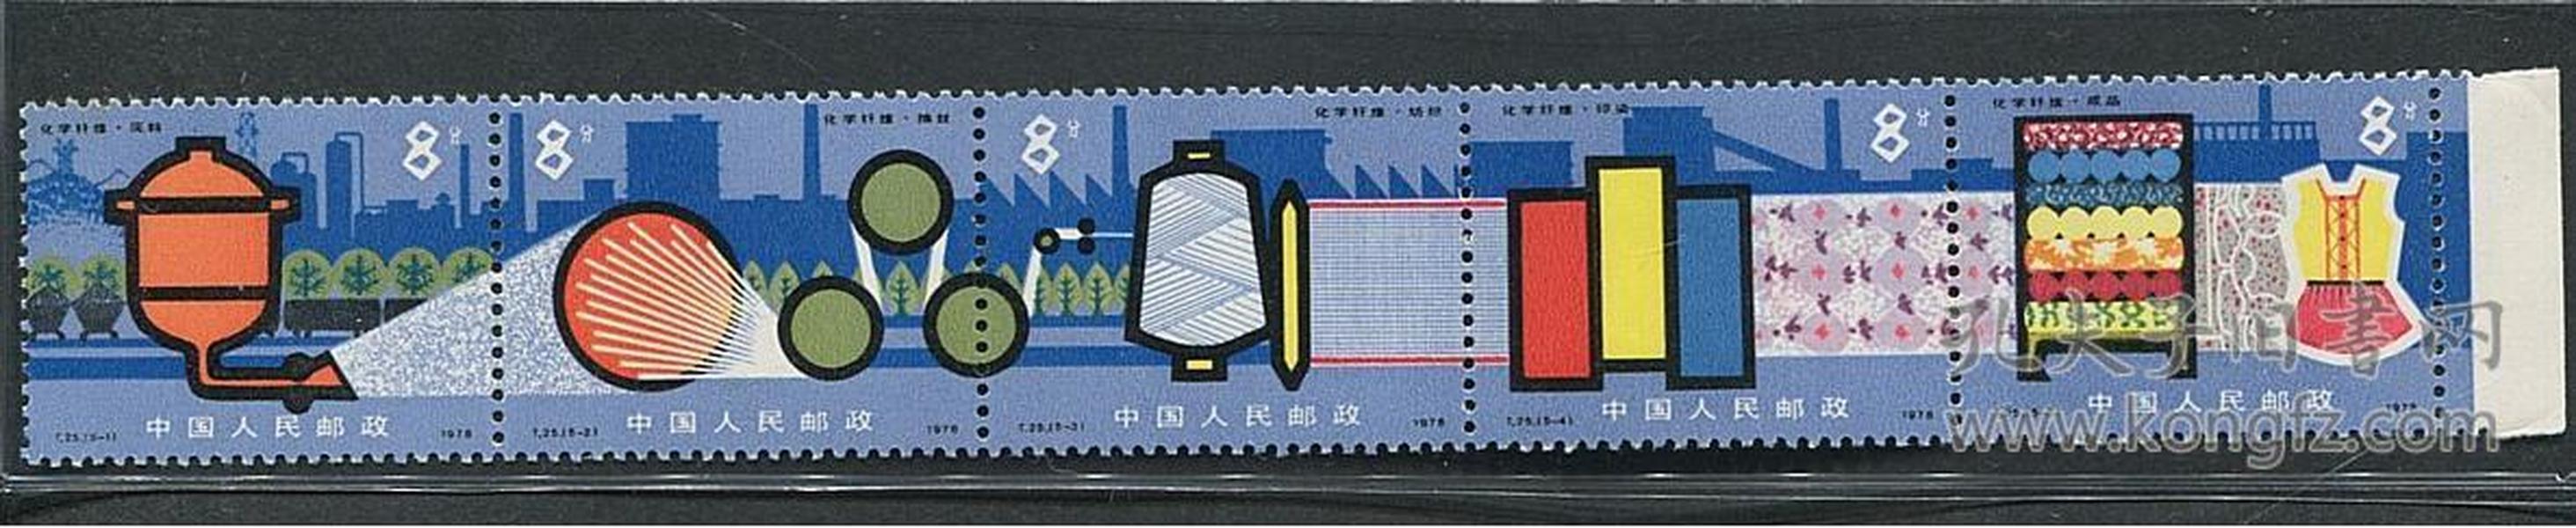 T25化纤新原胶邮票